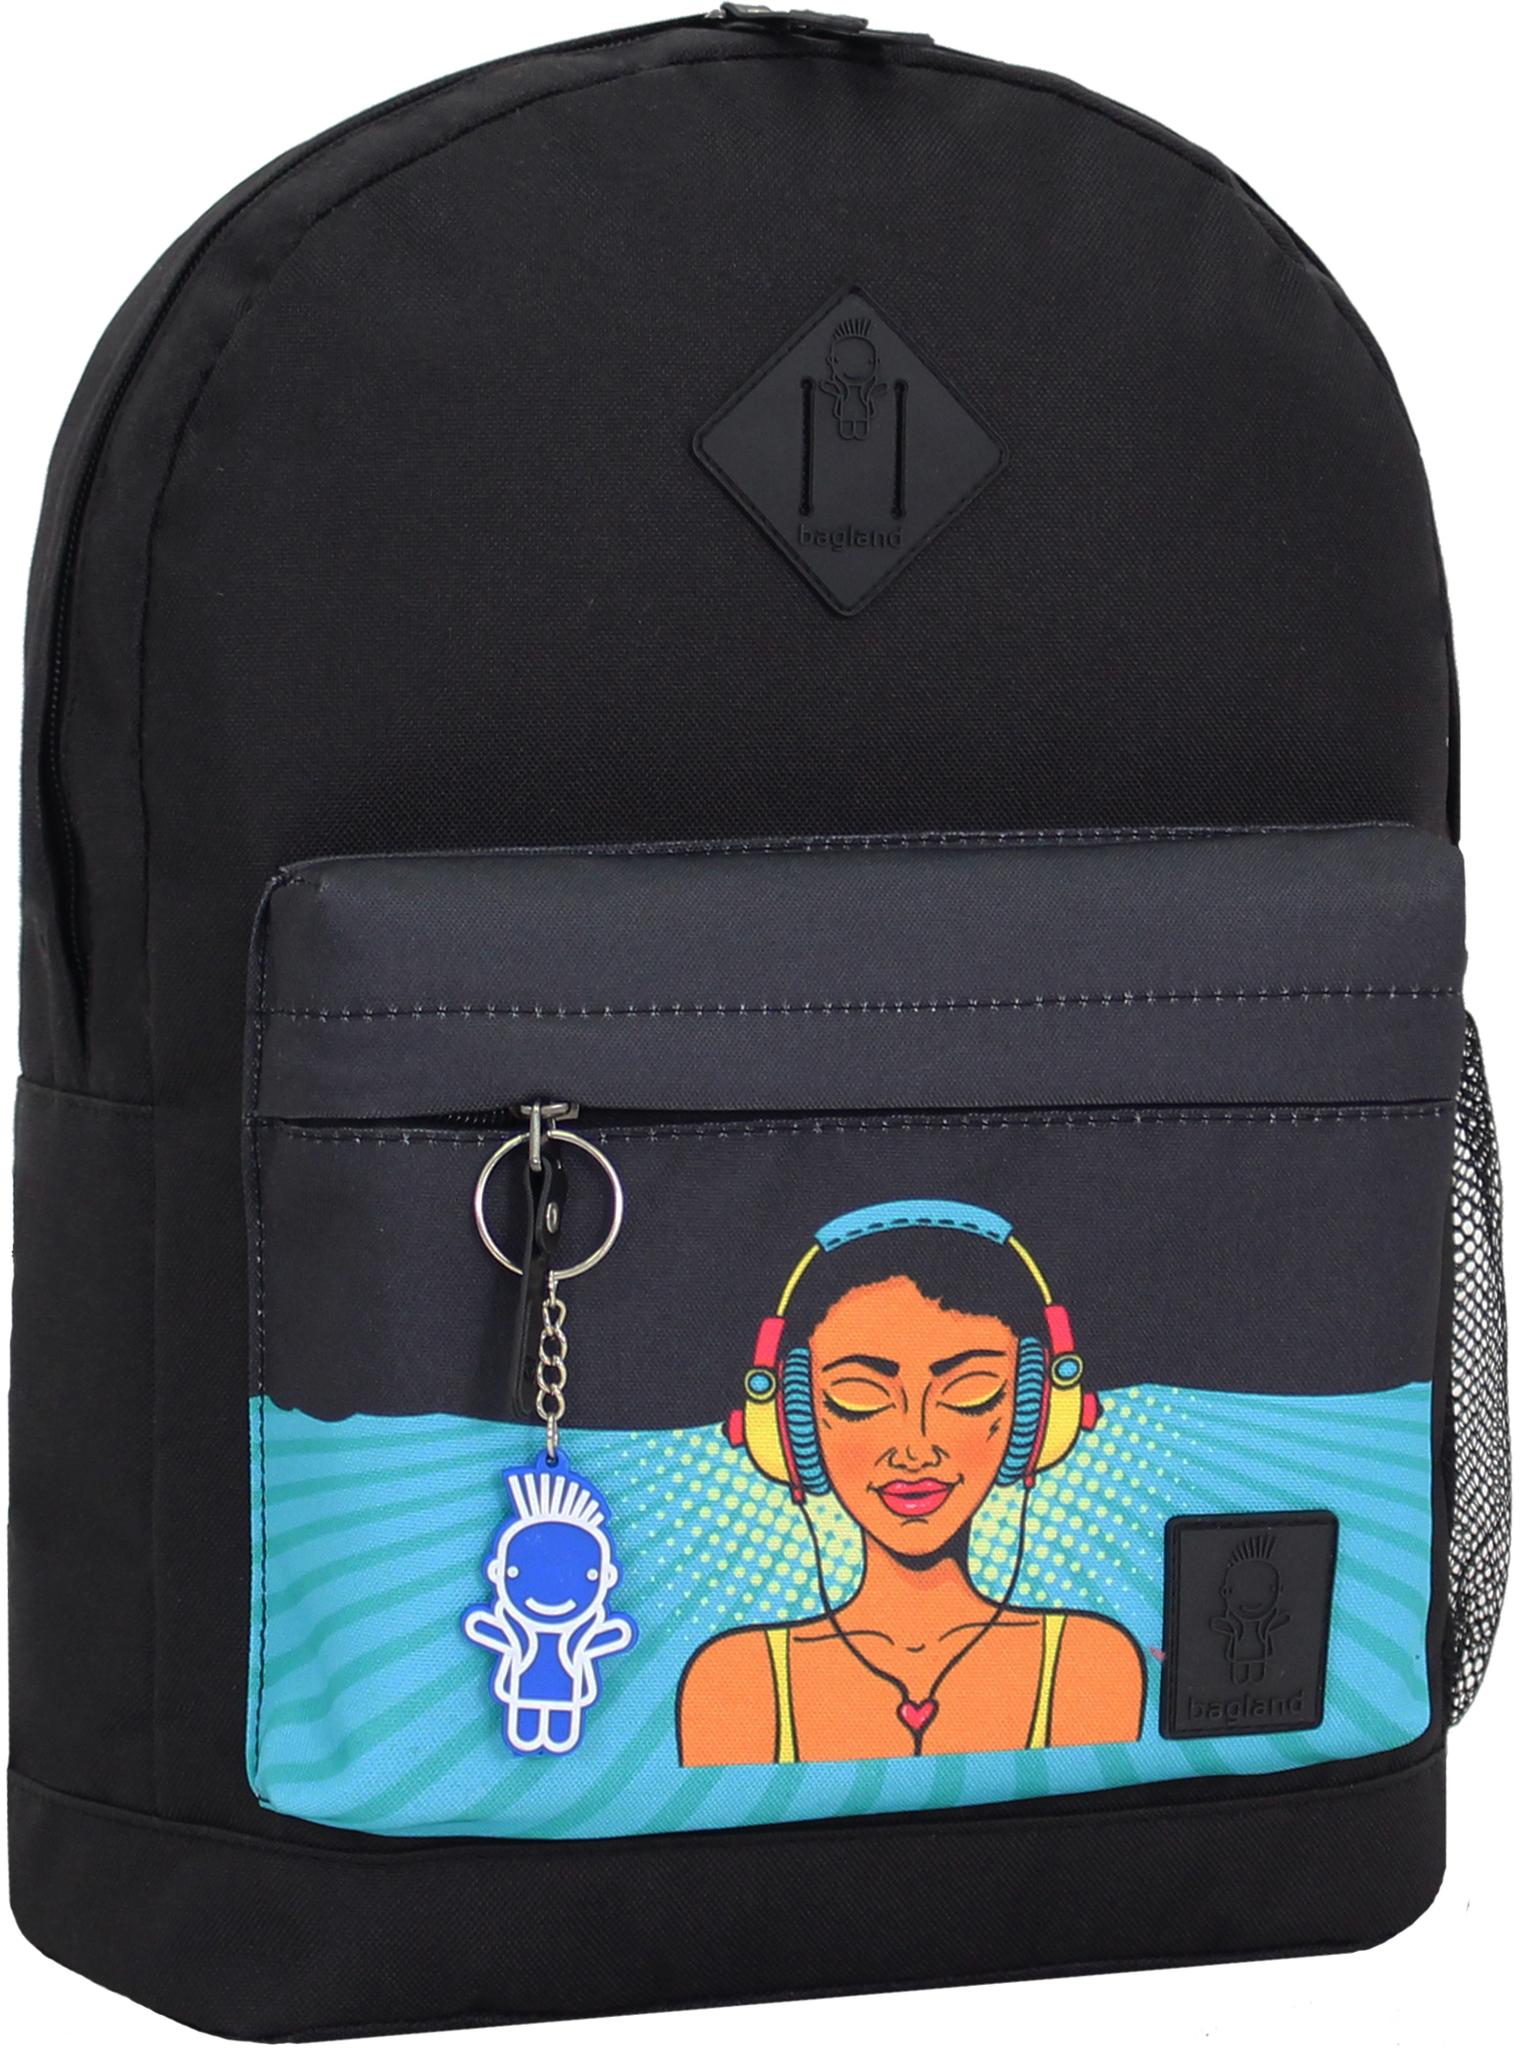 Городские рюкзаки Рюкзак Bagland Молодежный W/R 17 л. чорний 260к (00533662) IMG_0829_260к.JPG